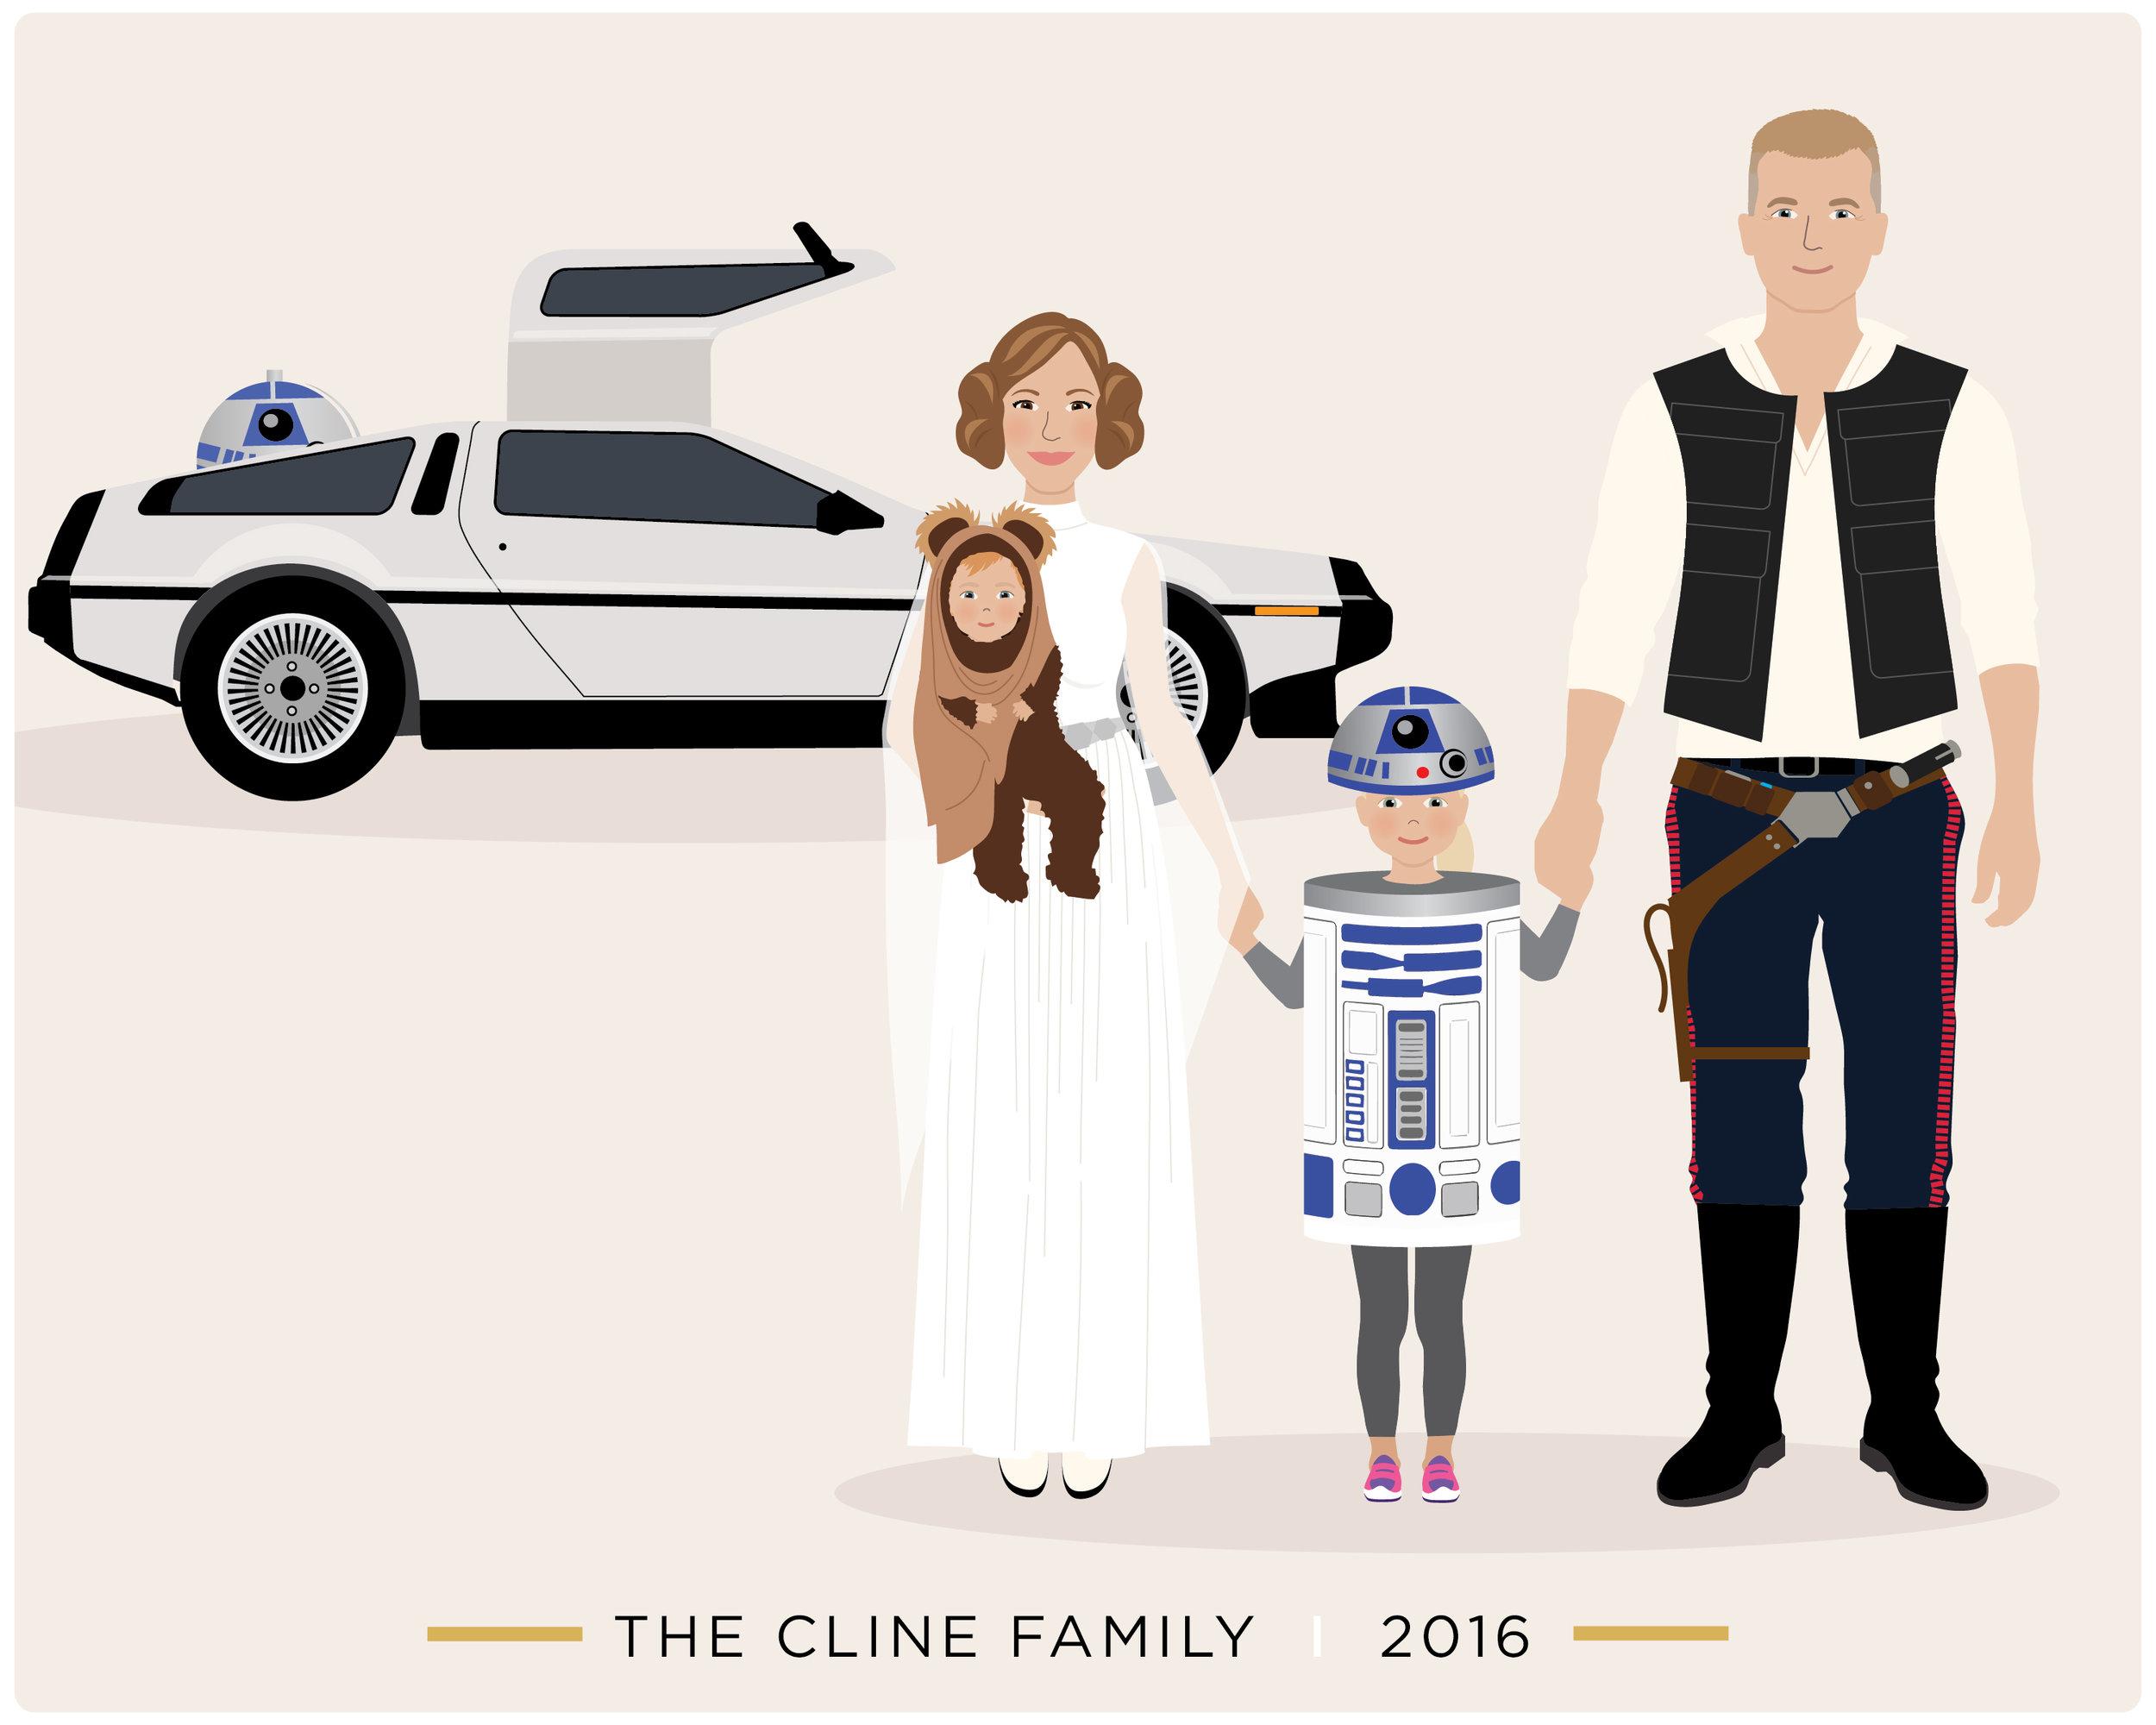 Cline-01.jpg